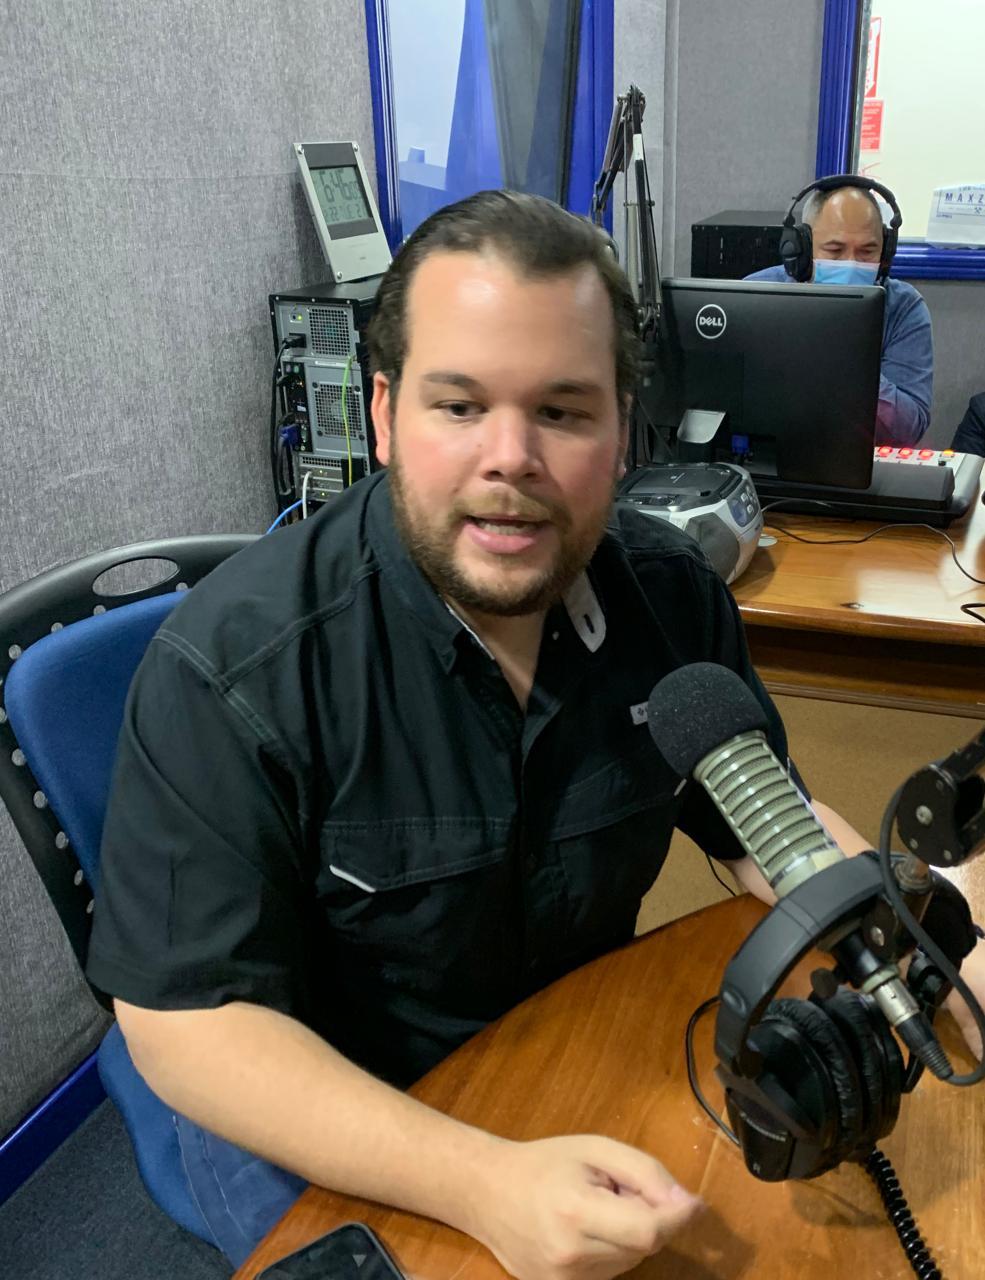 Diputado Orlando Jorge Villegas pide a Turismo e Intrant buscar solución a corto plazo en conflicto con Uber